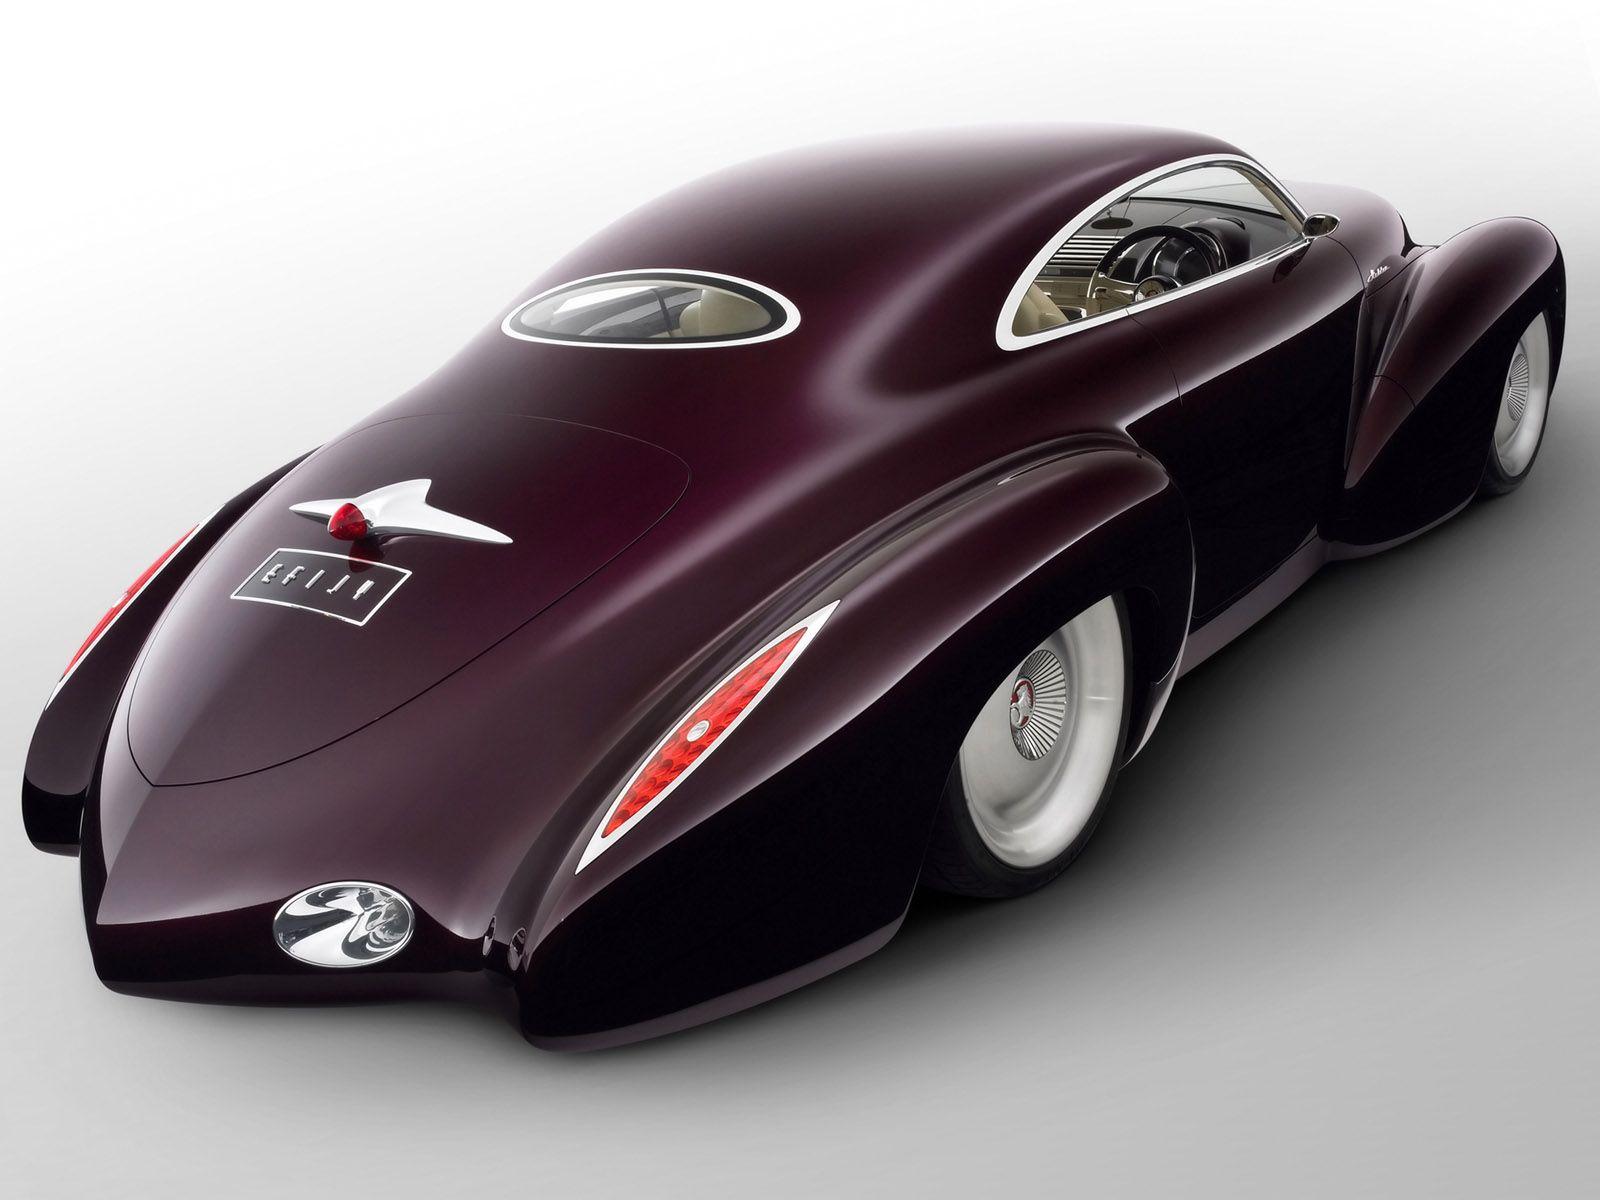 1953 FJ Holden Concept